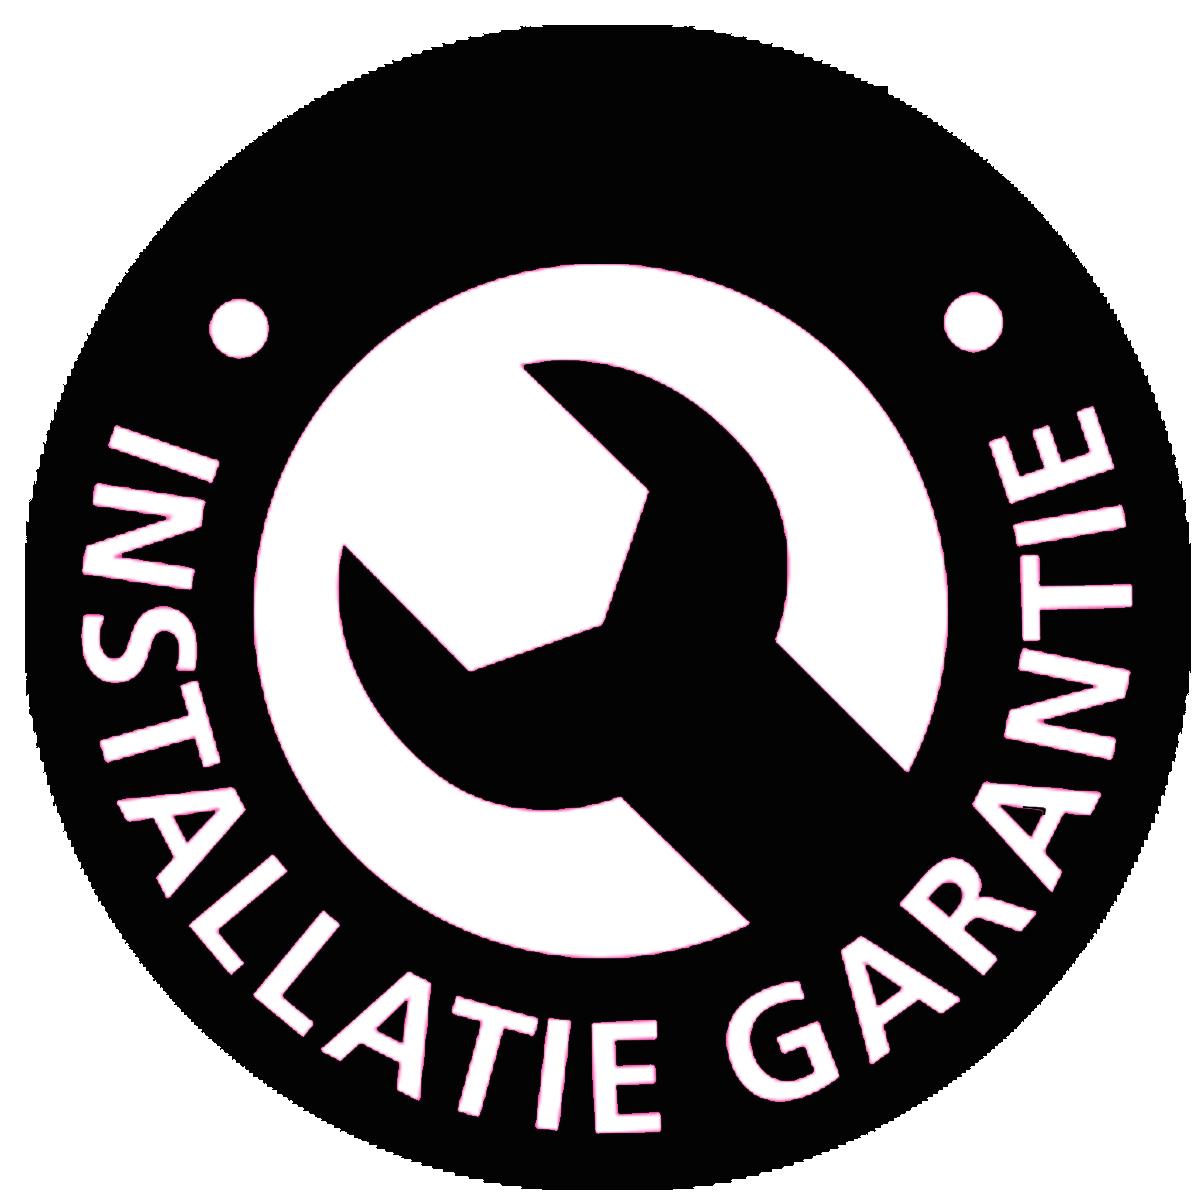 pelletkachel installatie garantie